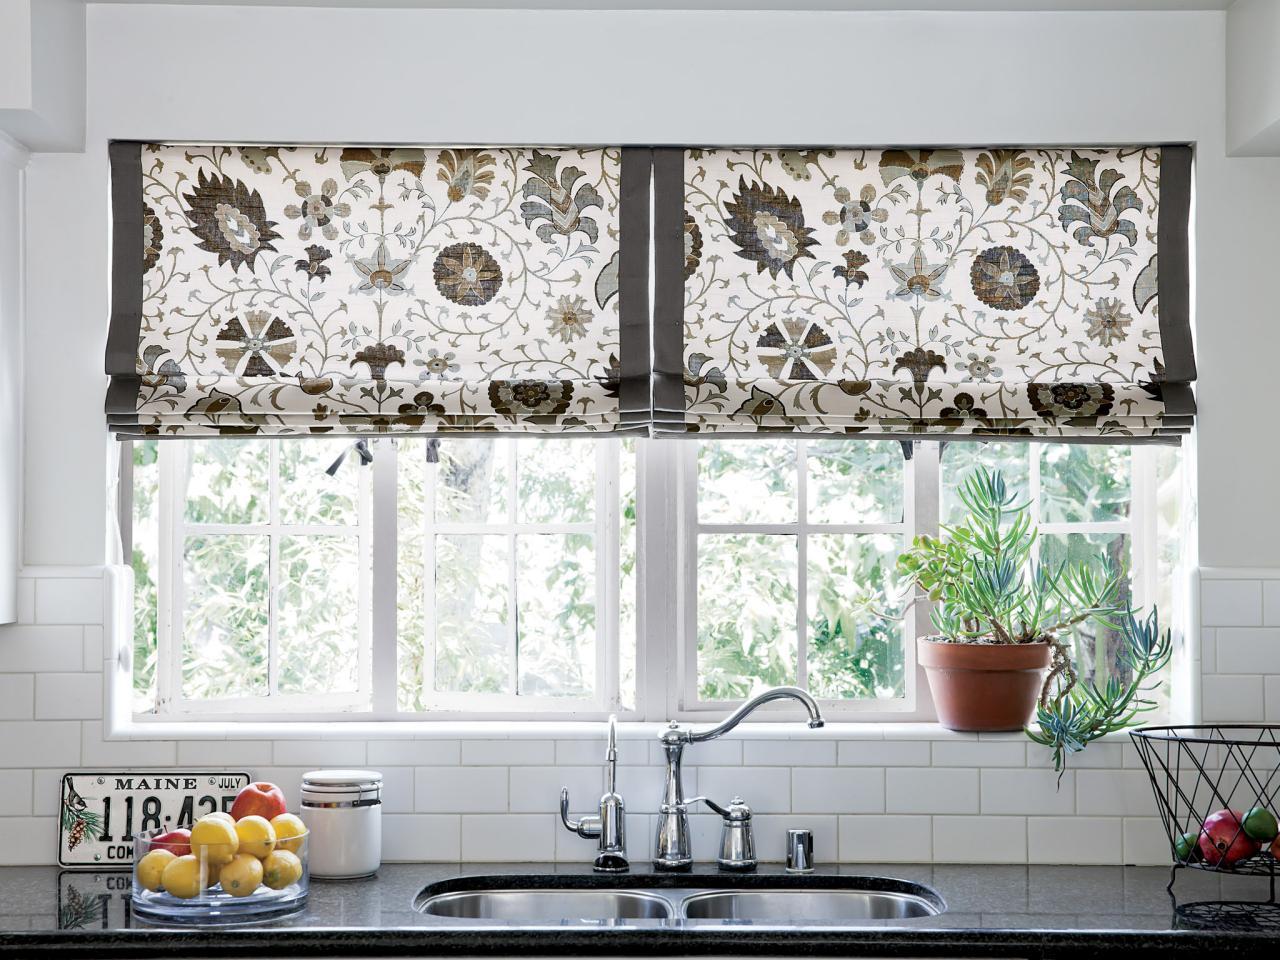 Римские шторы идеальны для маленькой кухни